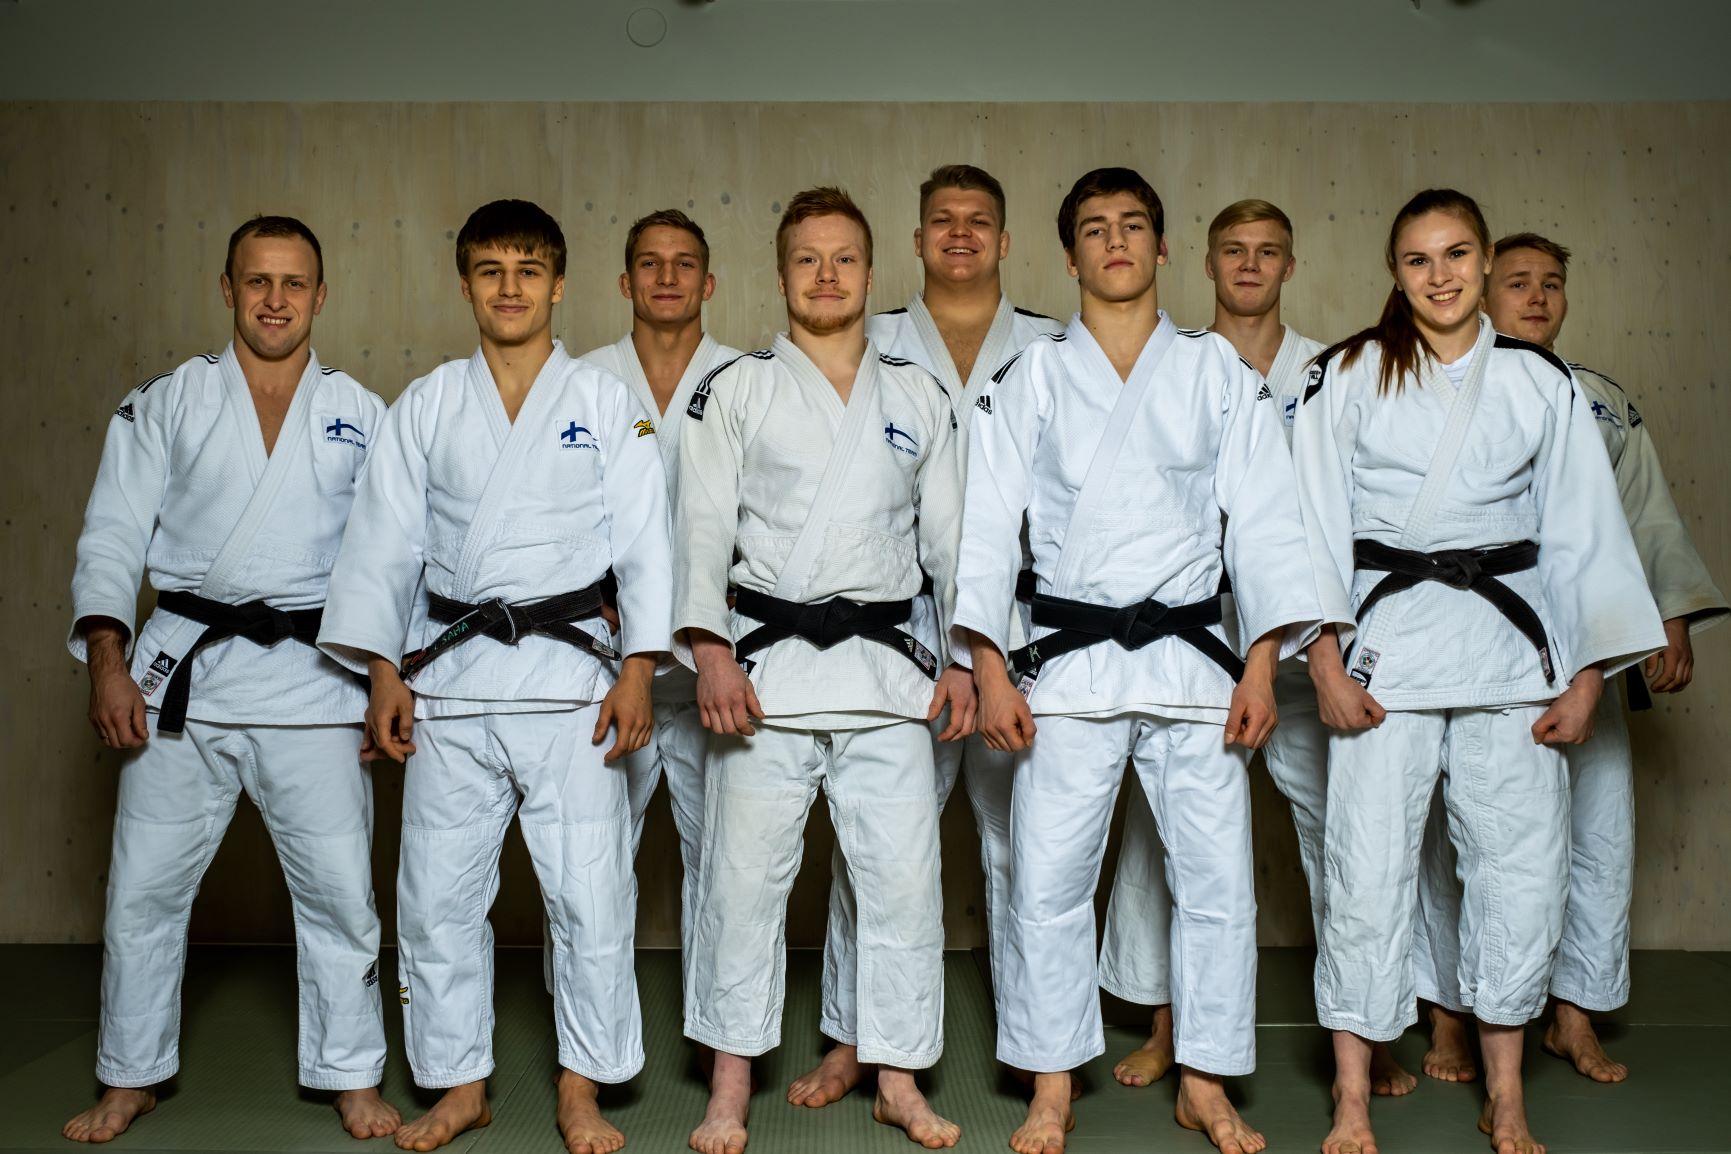 9 judokaa seisoo ryhmänä kasvot kameraan päin ja hymyilee